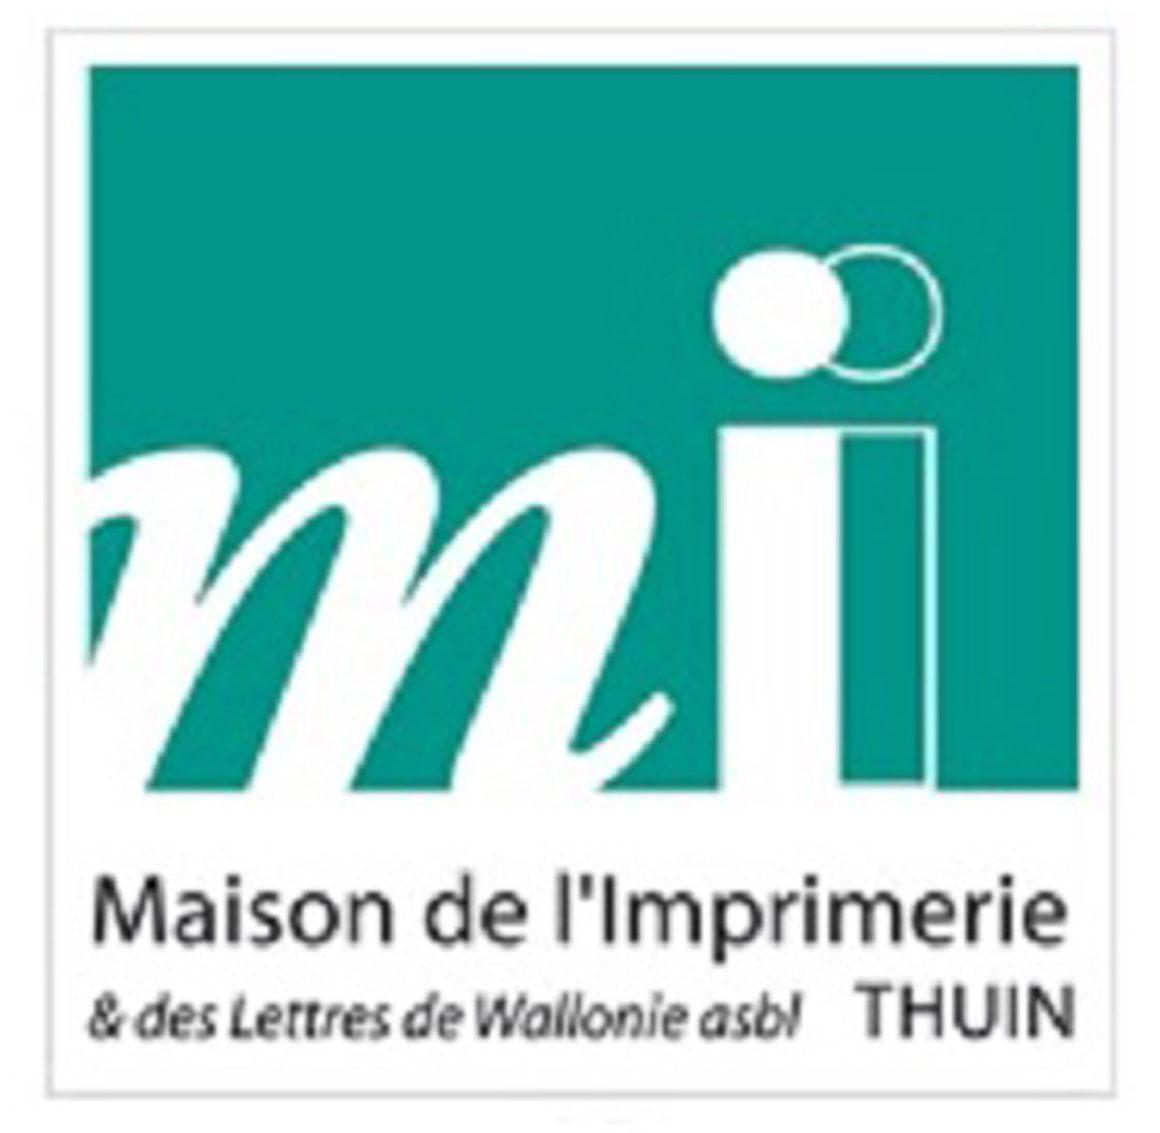 Maison de l'Imprimerie ASBL